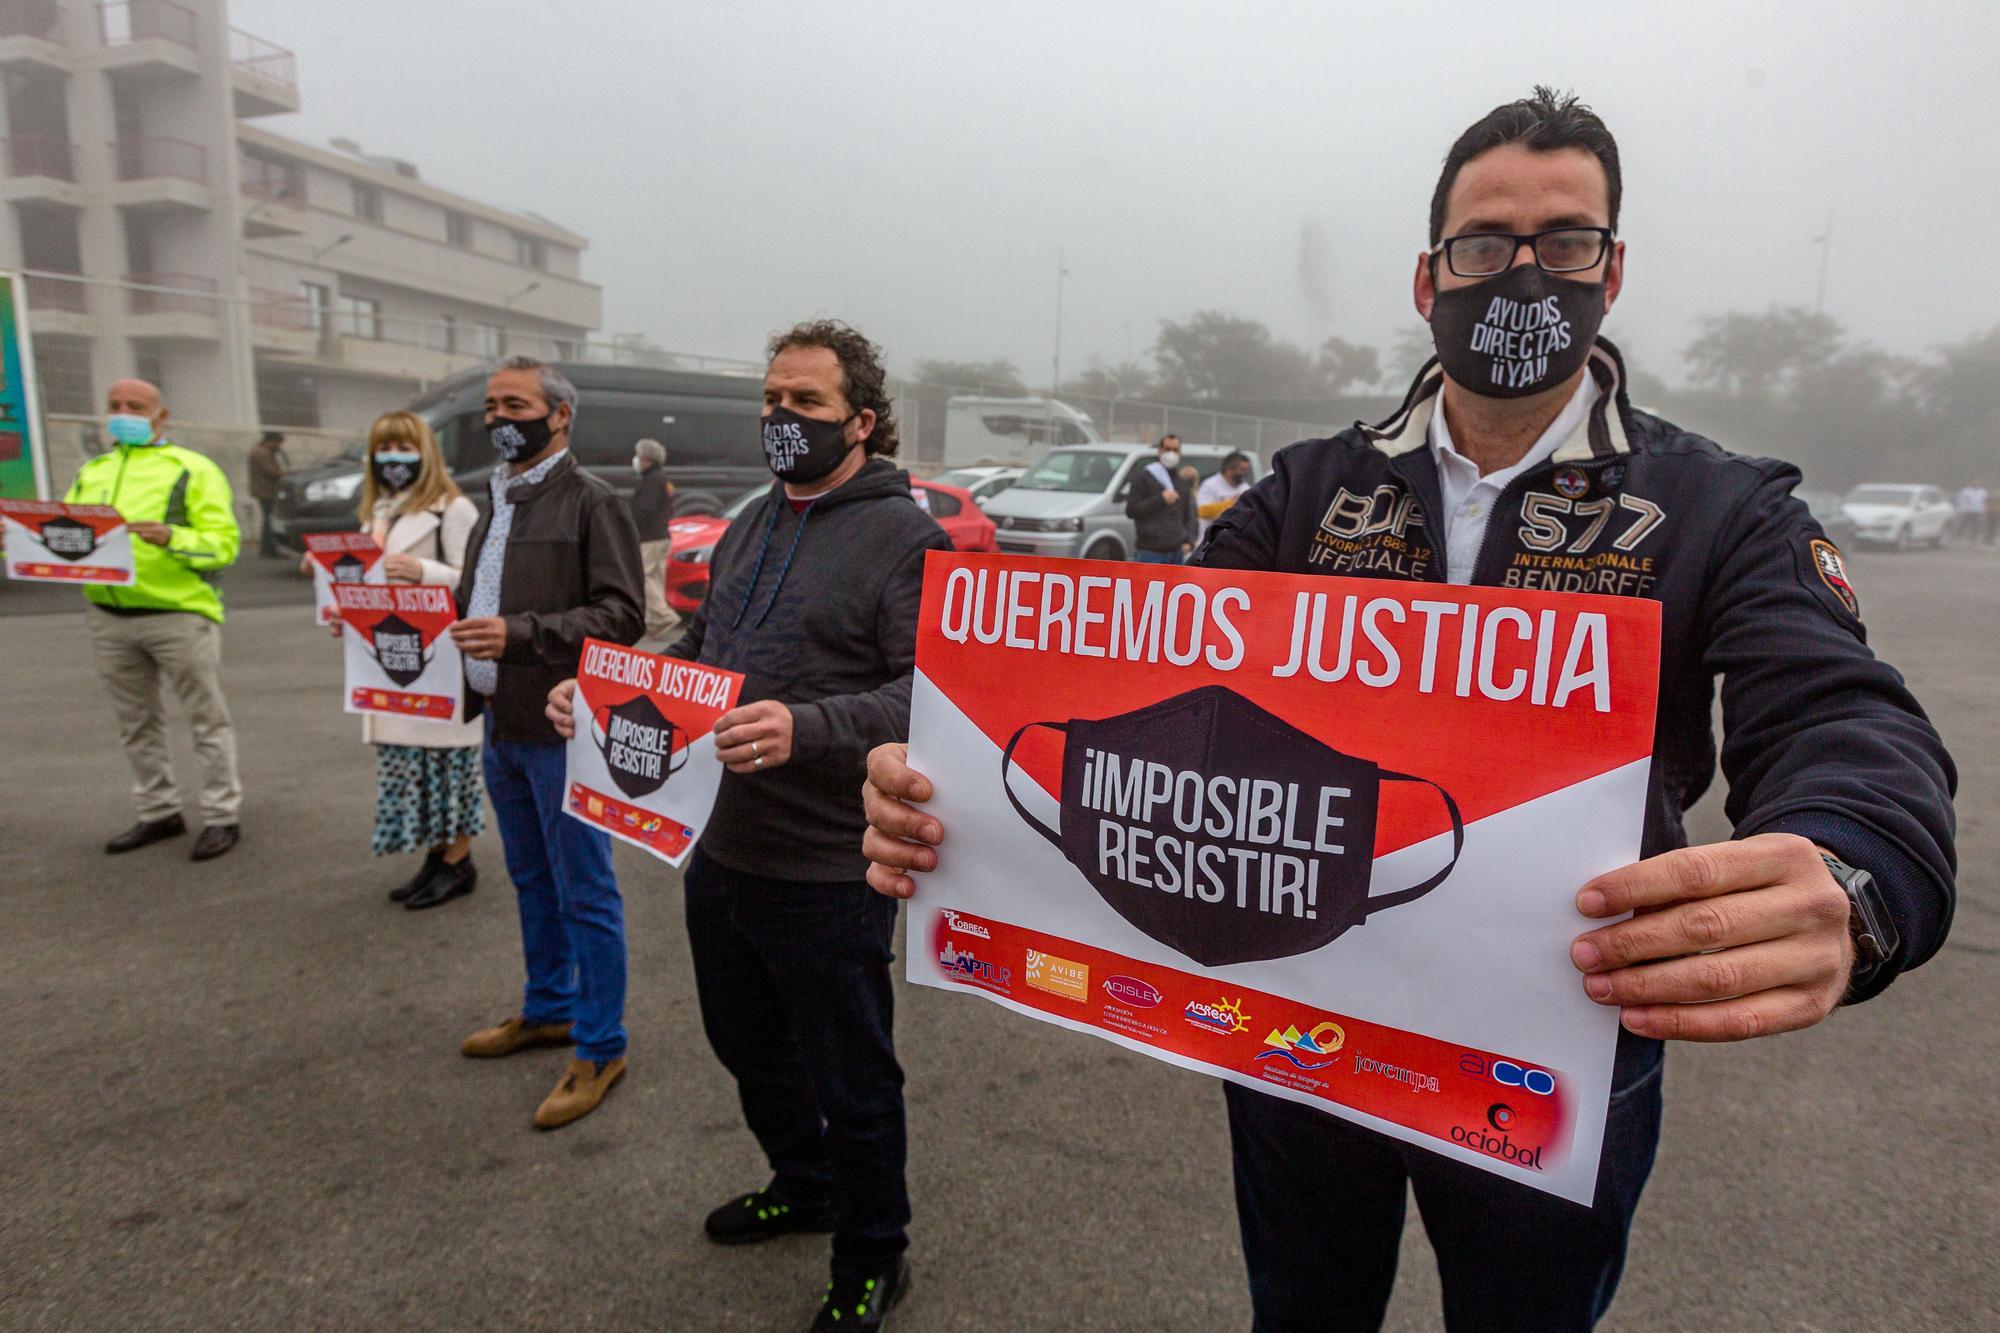 """Los hosteleros y comerciantes de Benidorm se manifiestan en caravana hasta Valencia: """"Imposible resistir"""""""